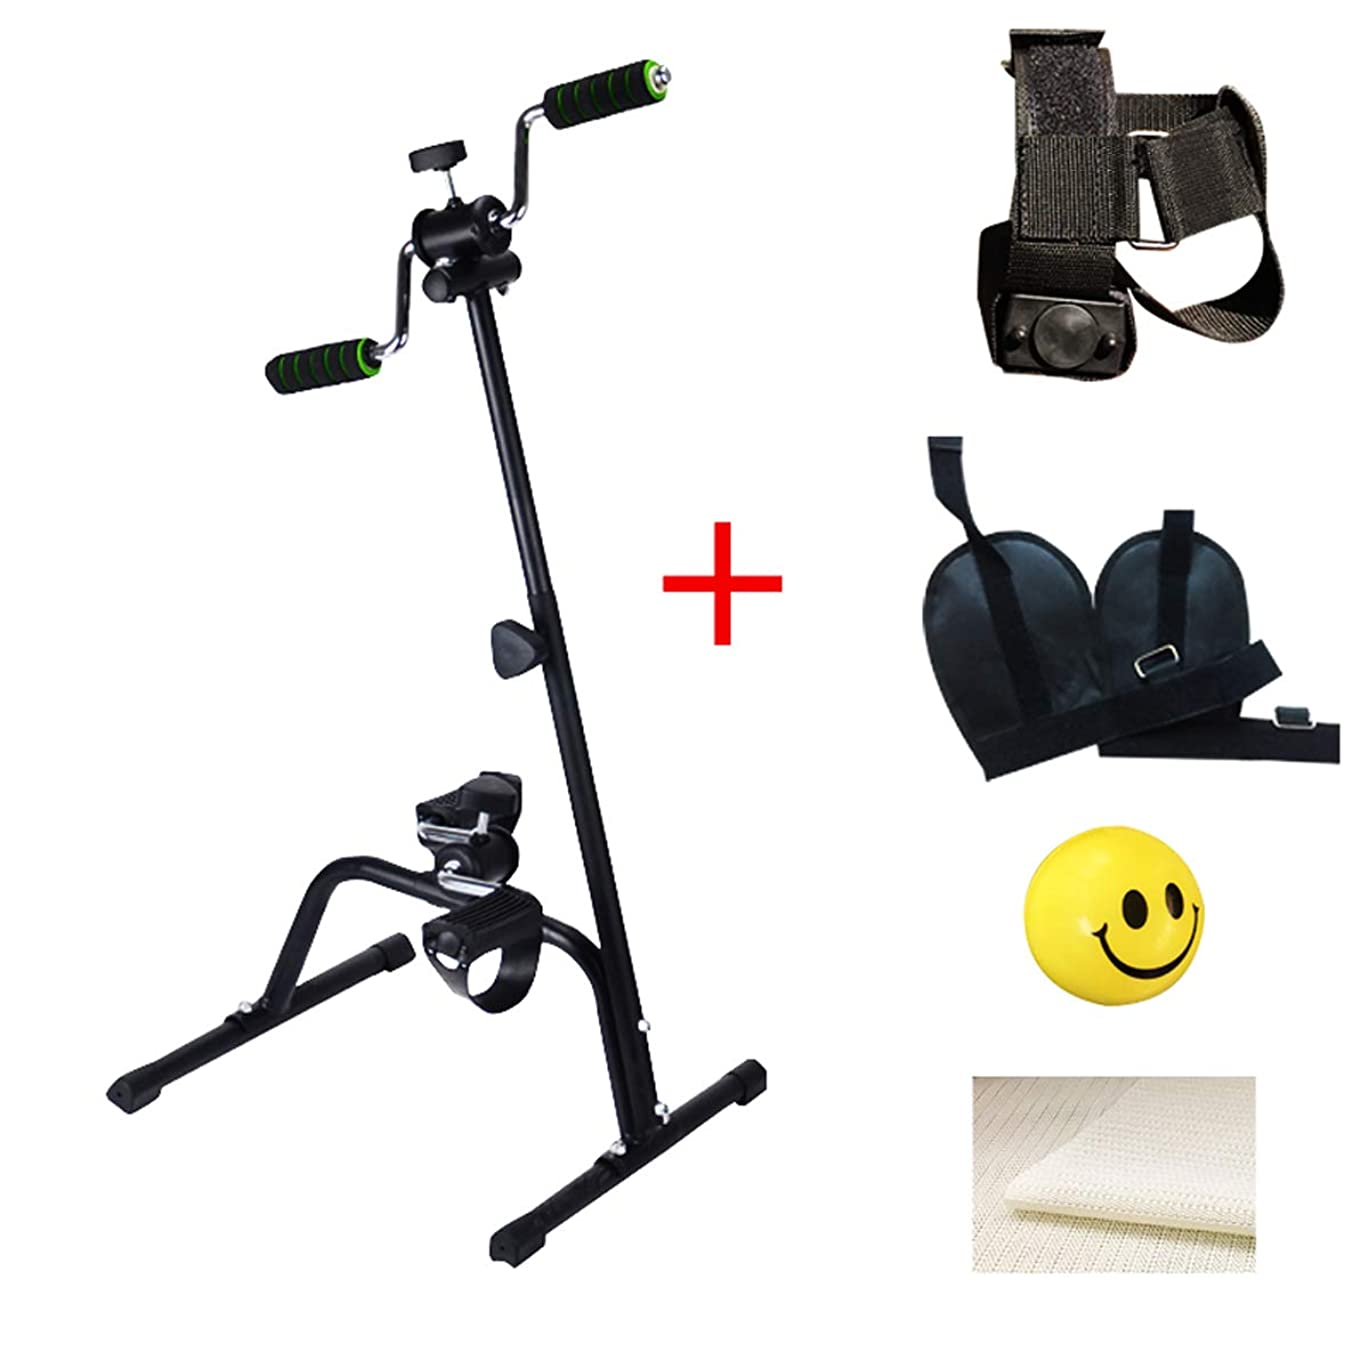 高齢者障害者リハビリテーション訓練ツール、上肢および下肢脳卒中片麻痺、ホームレッグアームペダルエクササイザー、自転車フィットネス機器のワークアウト,C